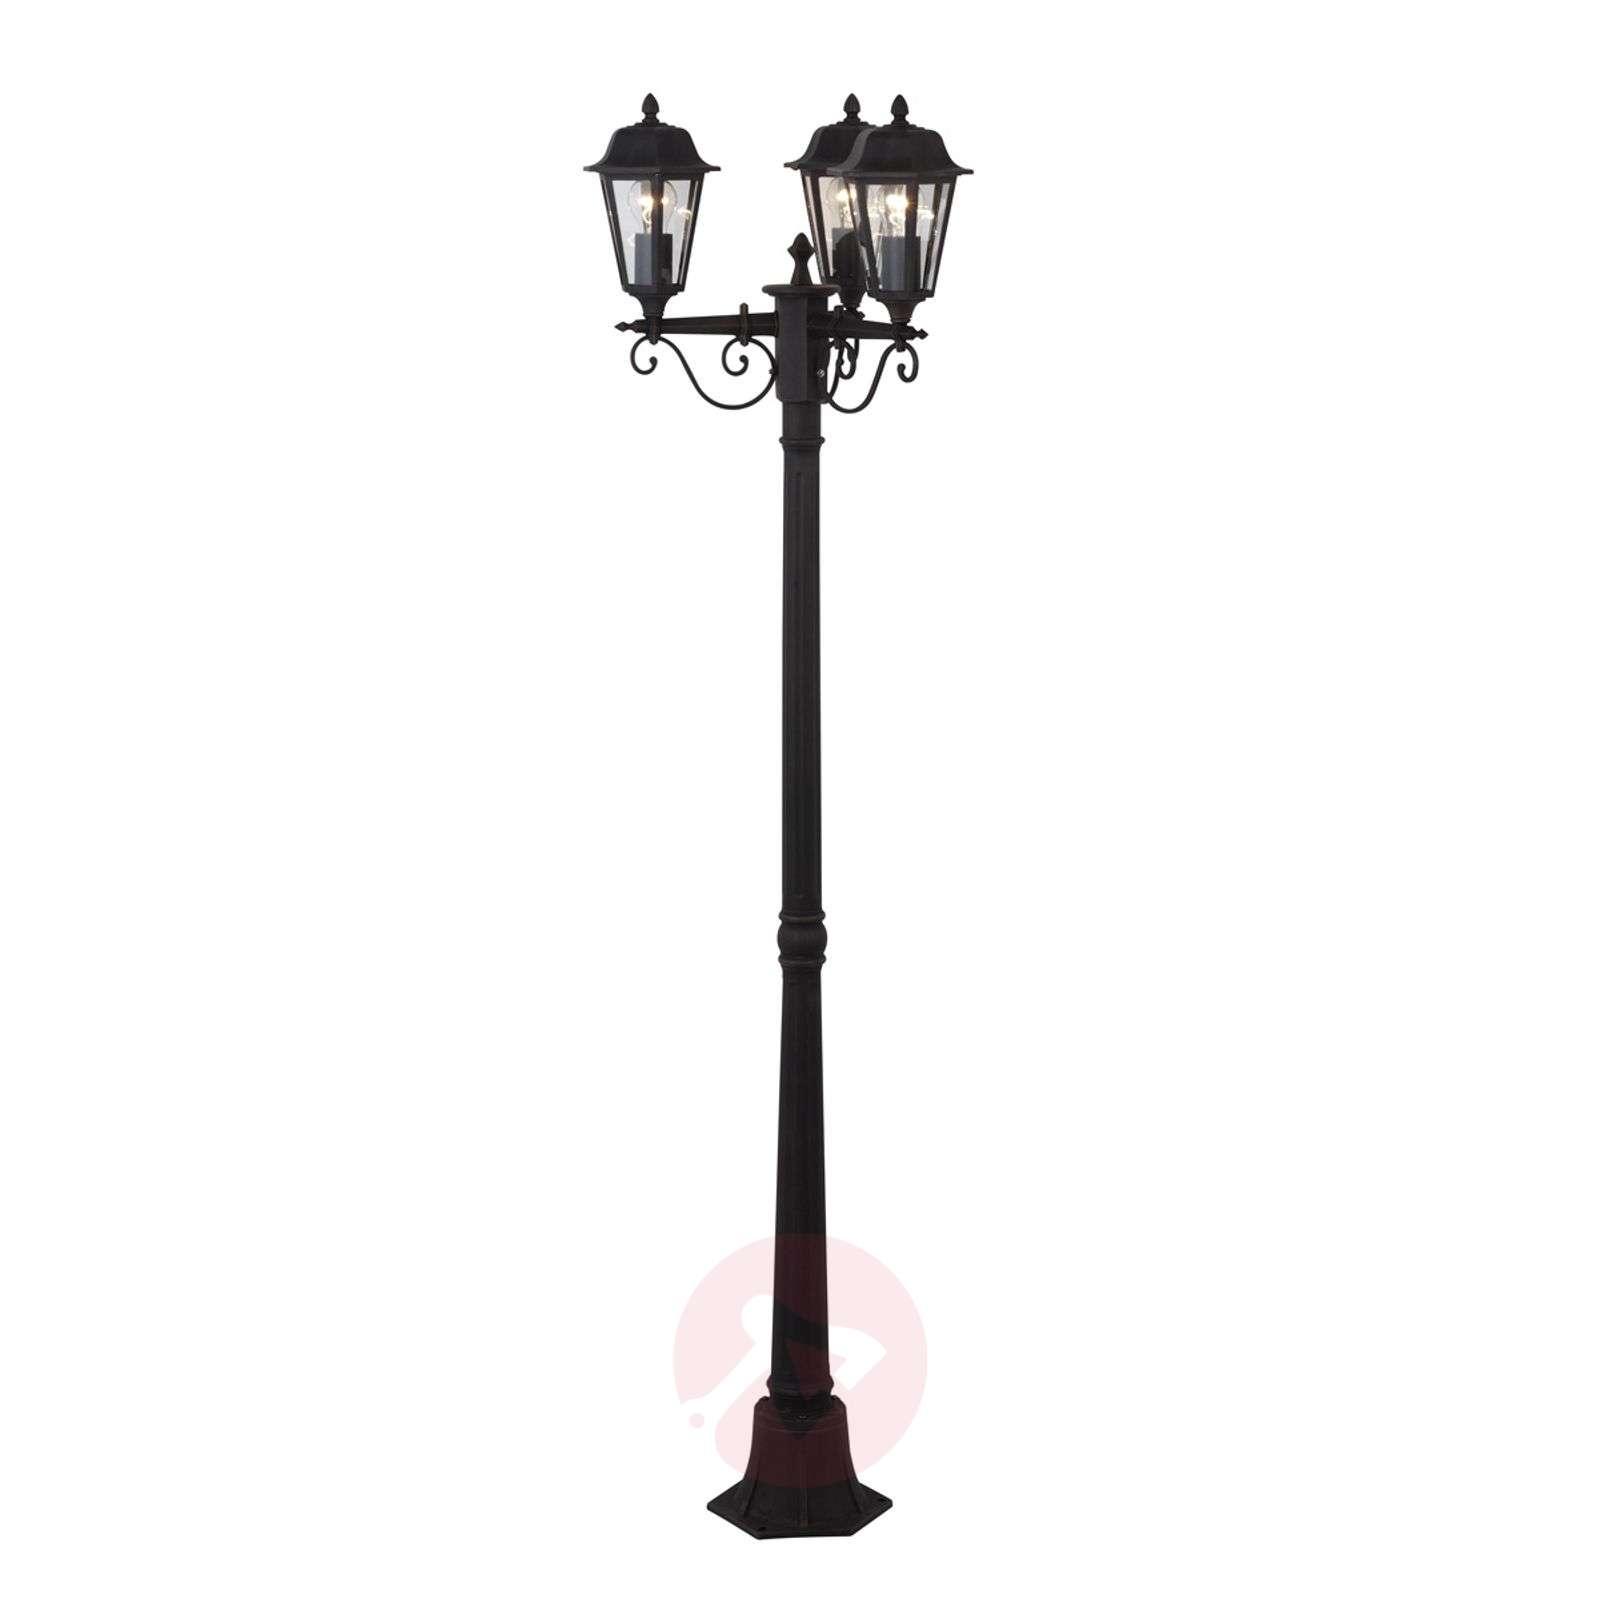 Tyylikäs kolmen lampun kynttelikkö Lamina-9630059-01